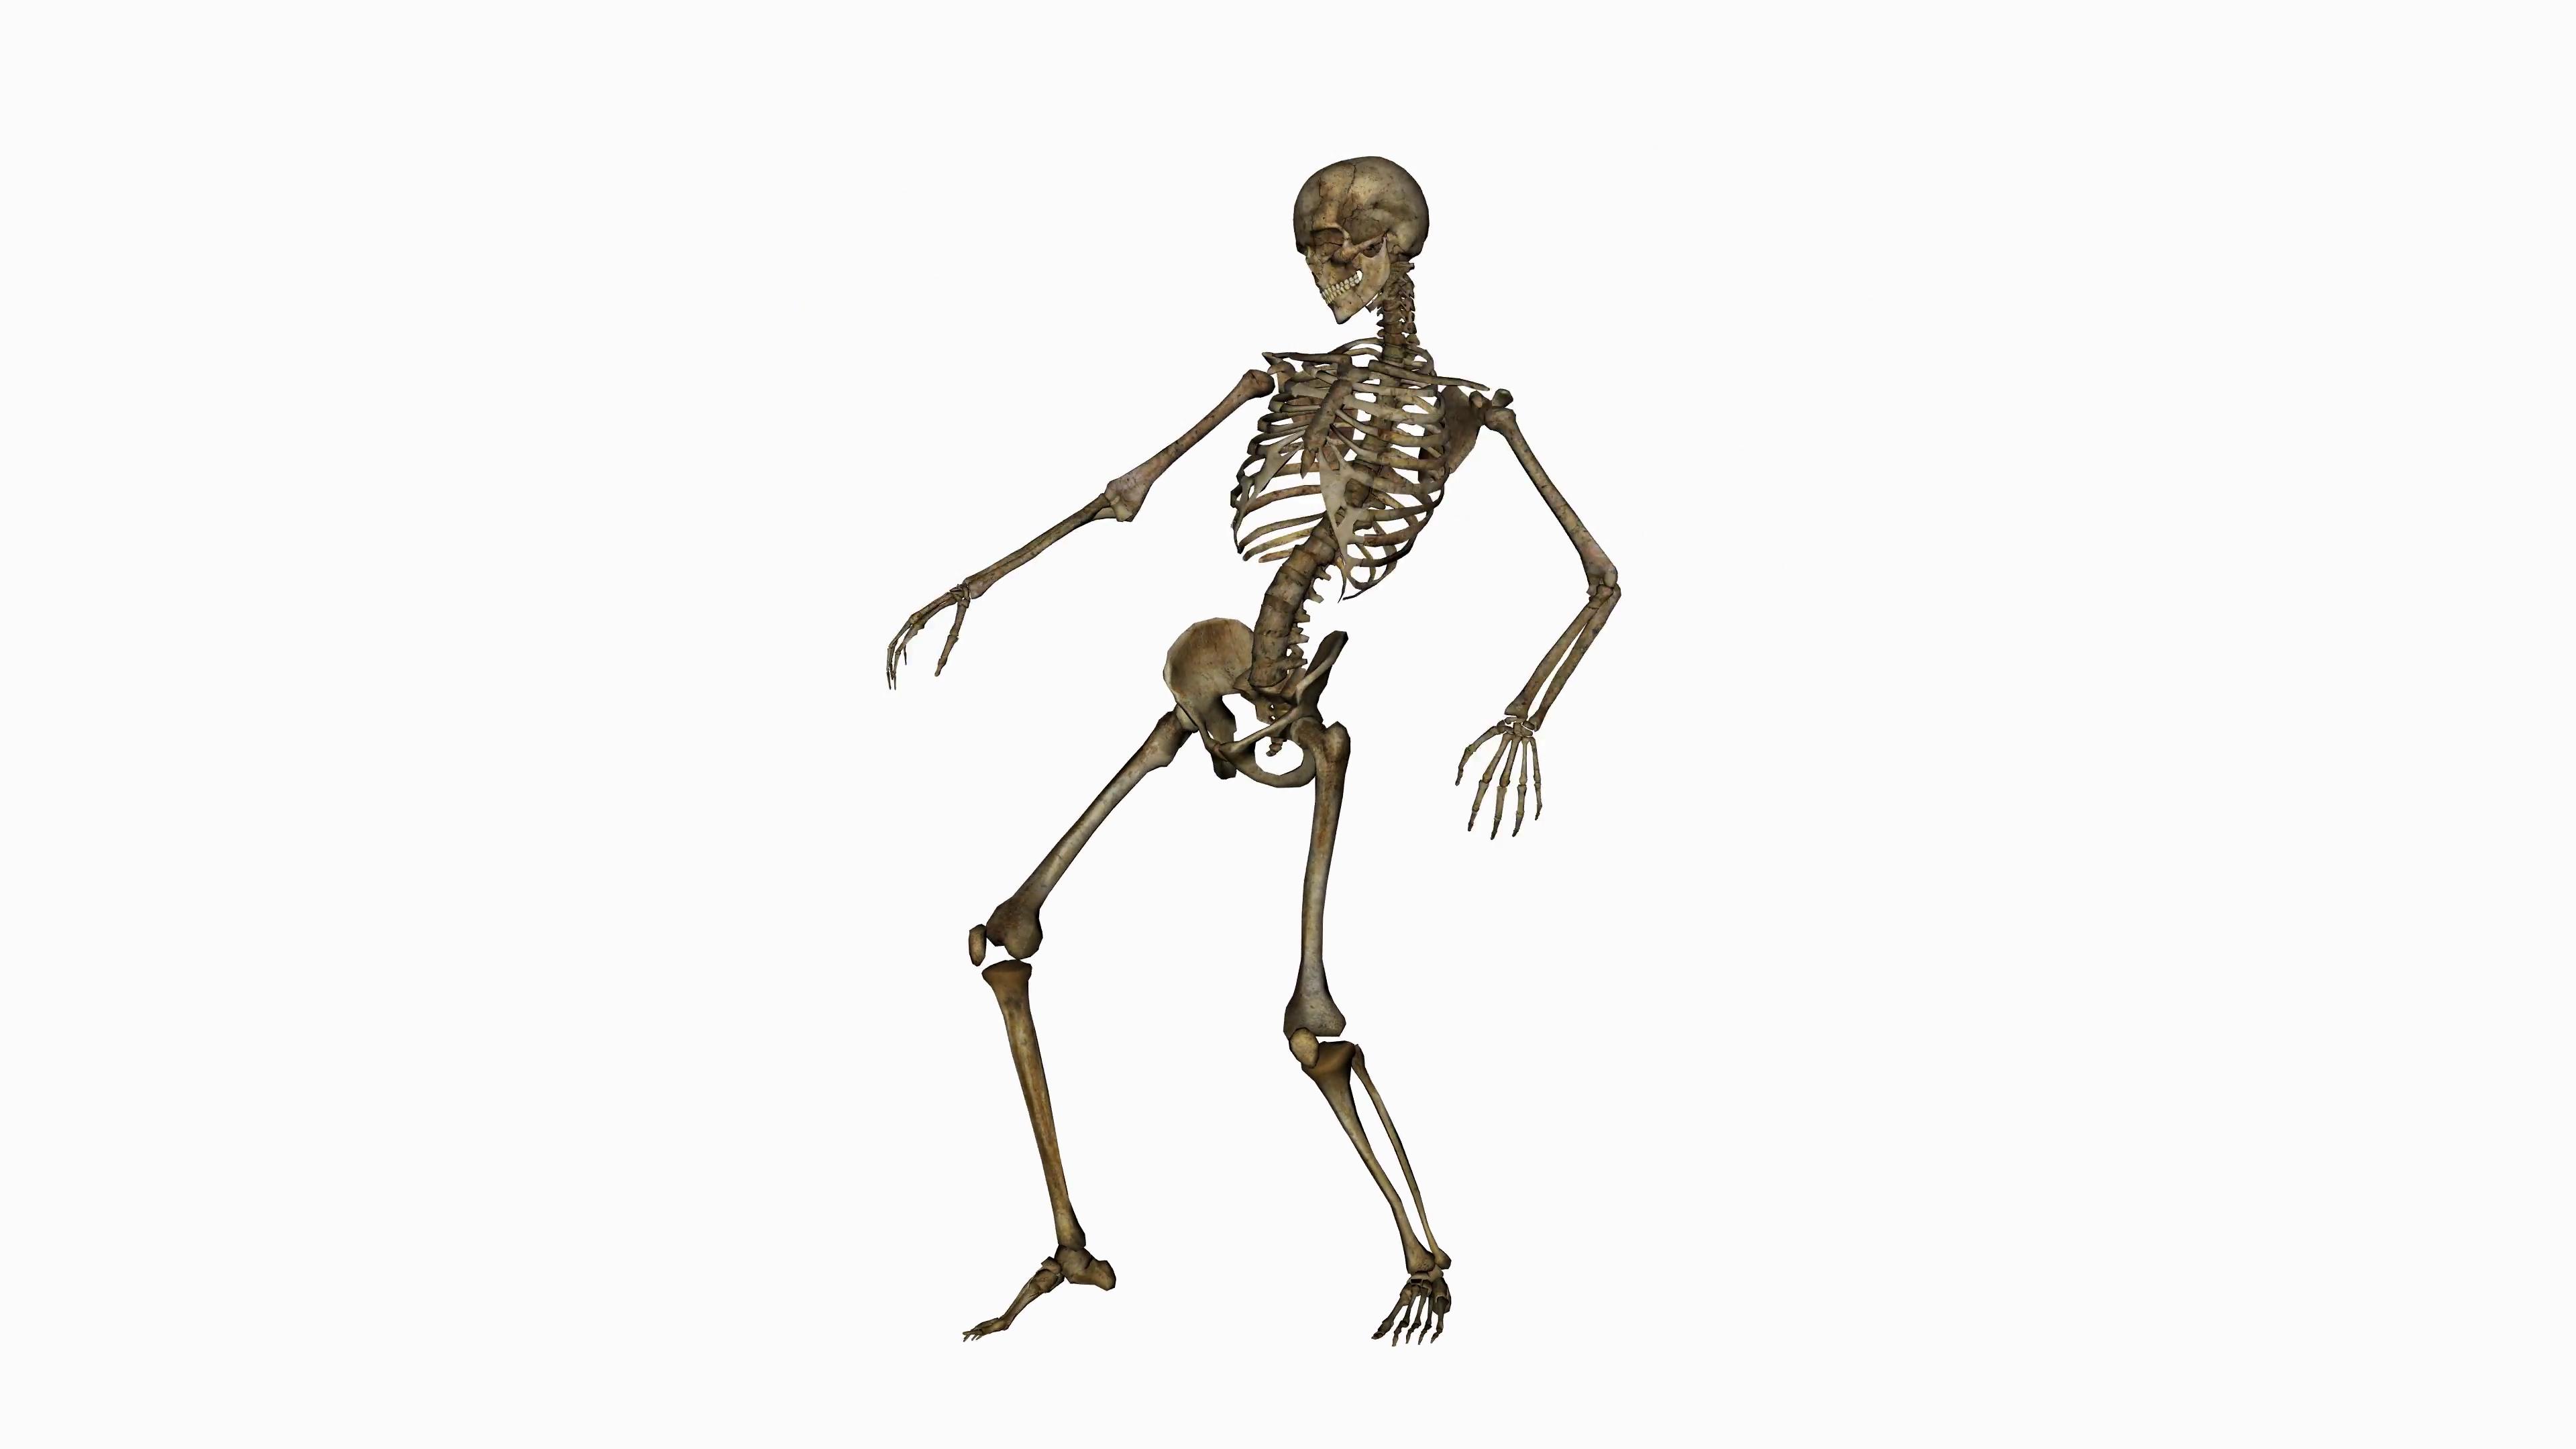 Skeleton Funny Dance, alpha channel.